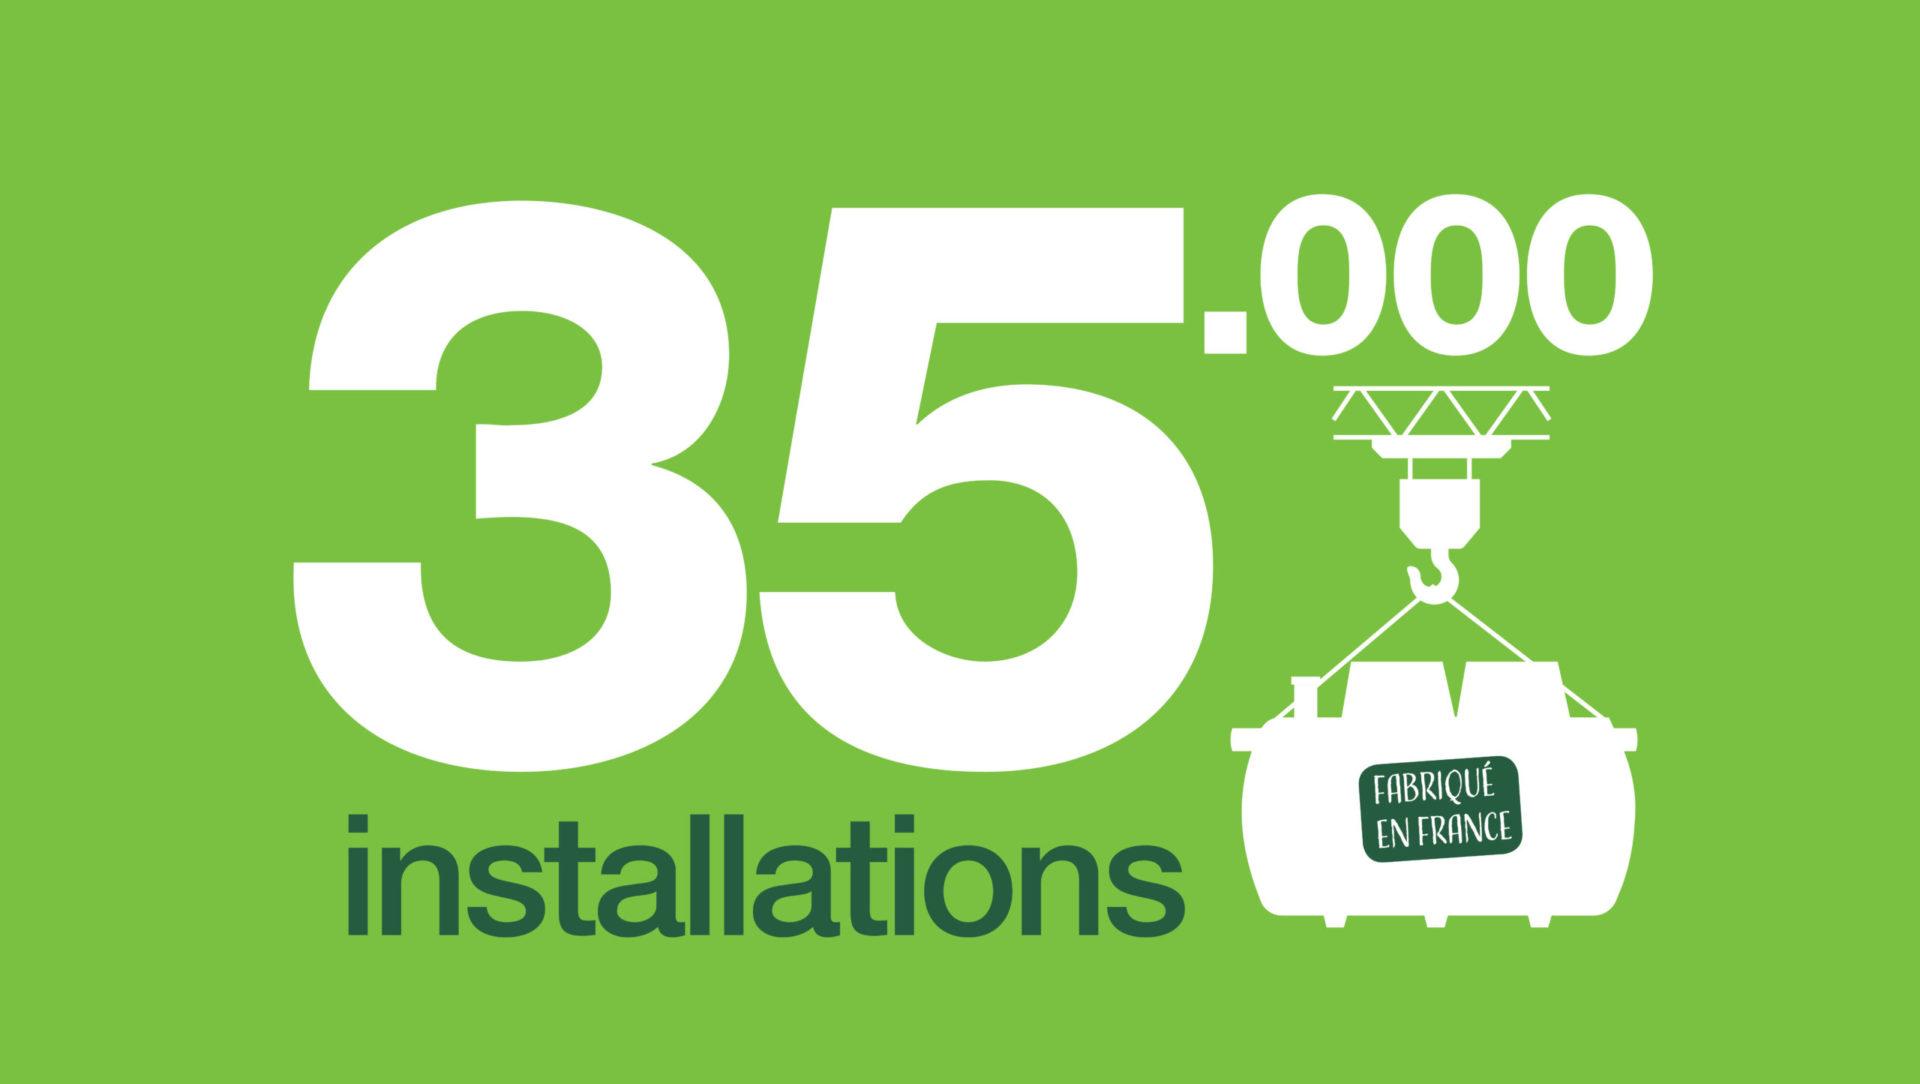 35 000 installations